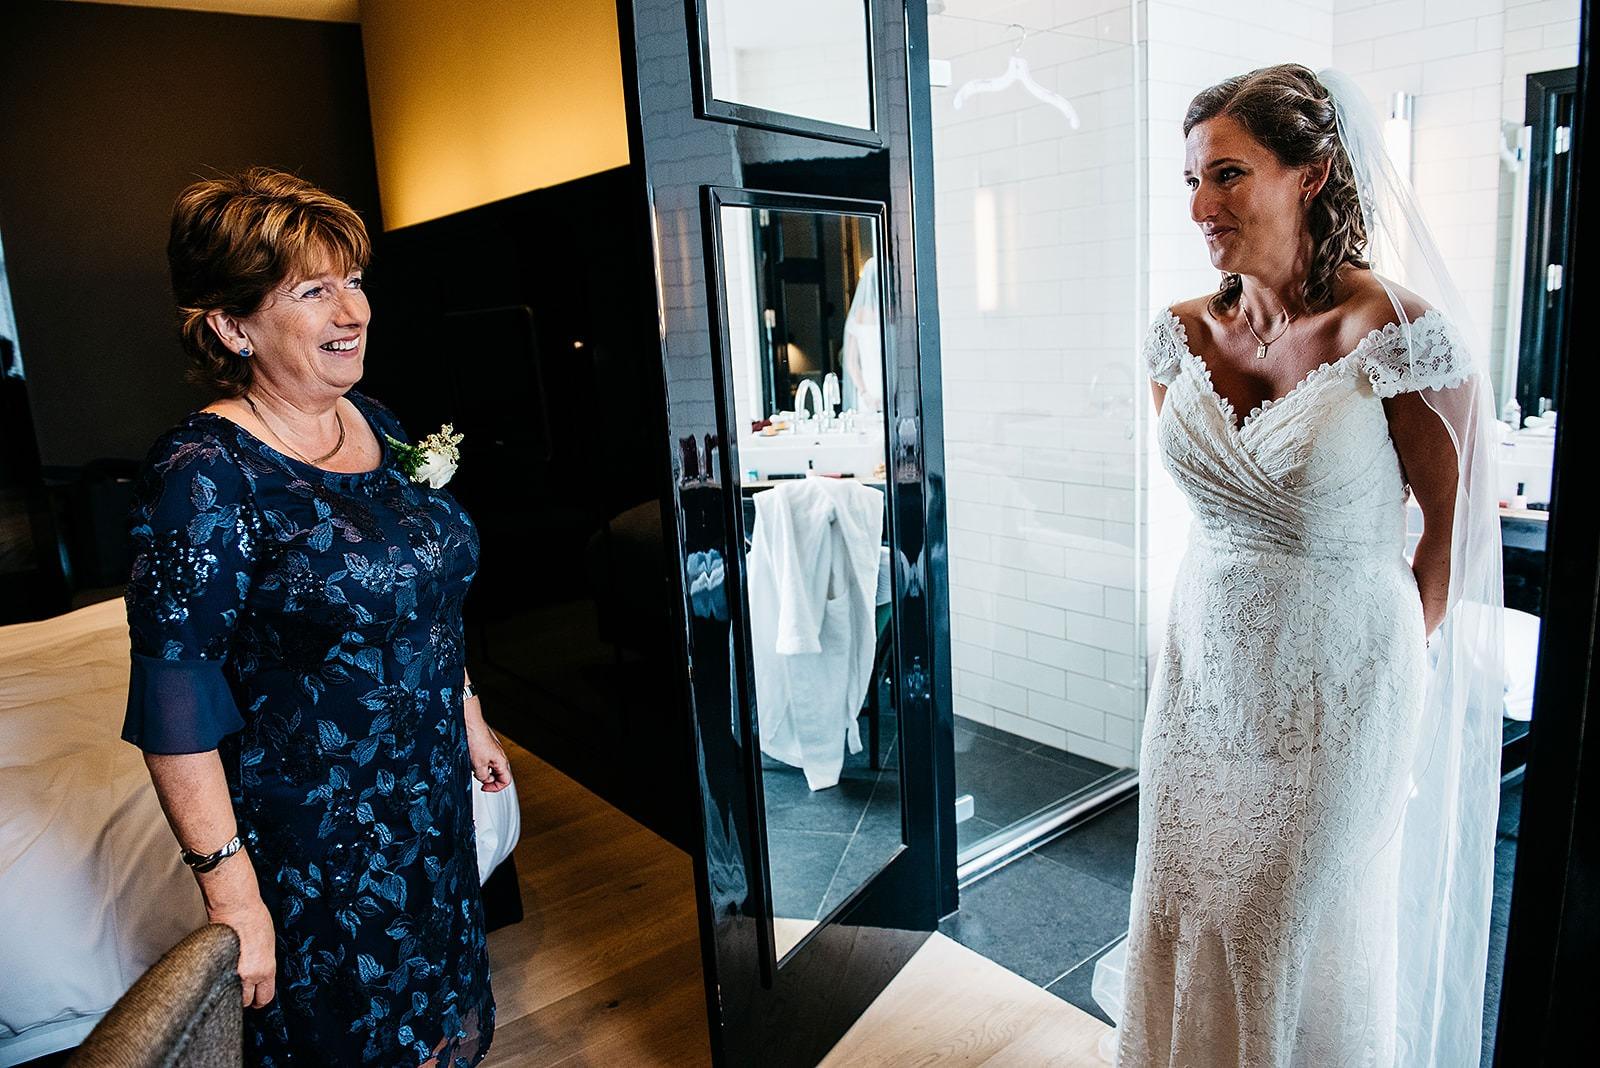 Huwelijksfotograaf | Trouwfotograaf Antwerpen